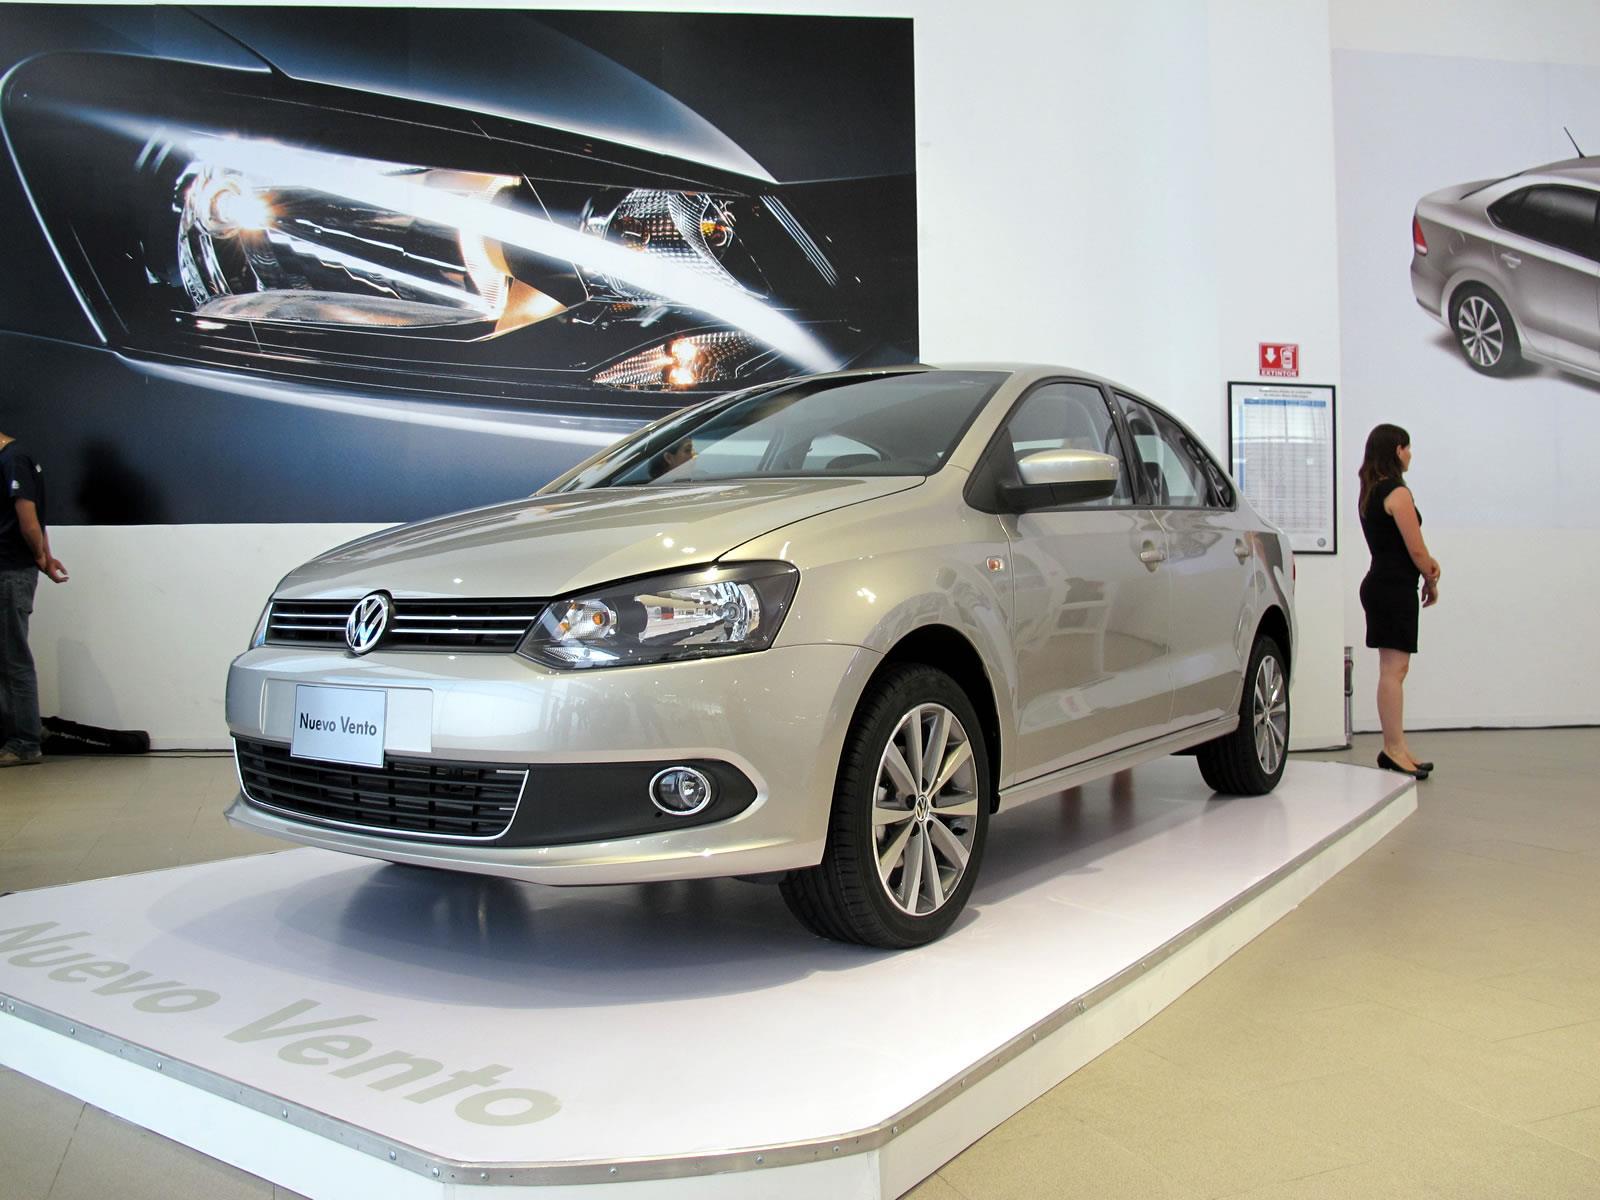 Volkswagen Nuevo Vento 2014, ¿el sustituto del Jetta